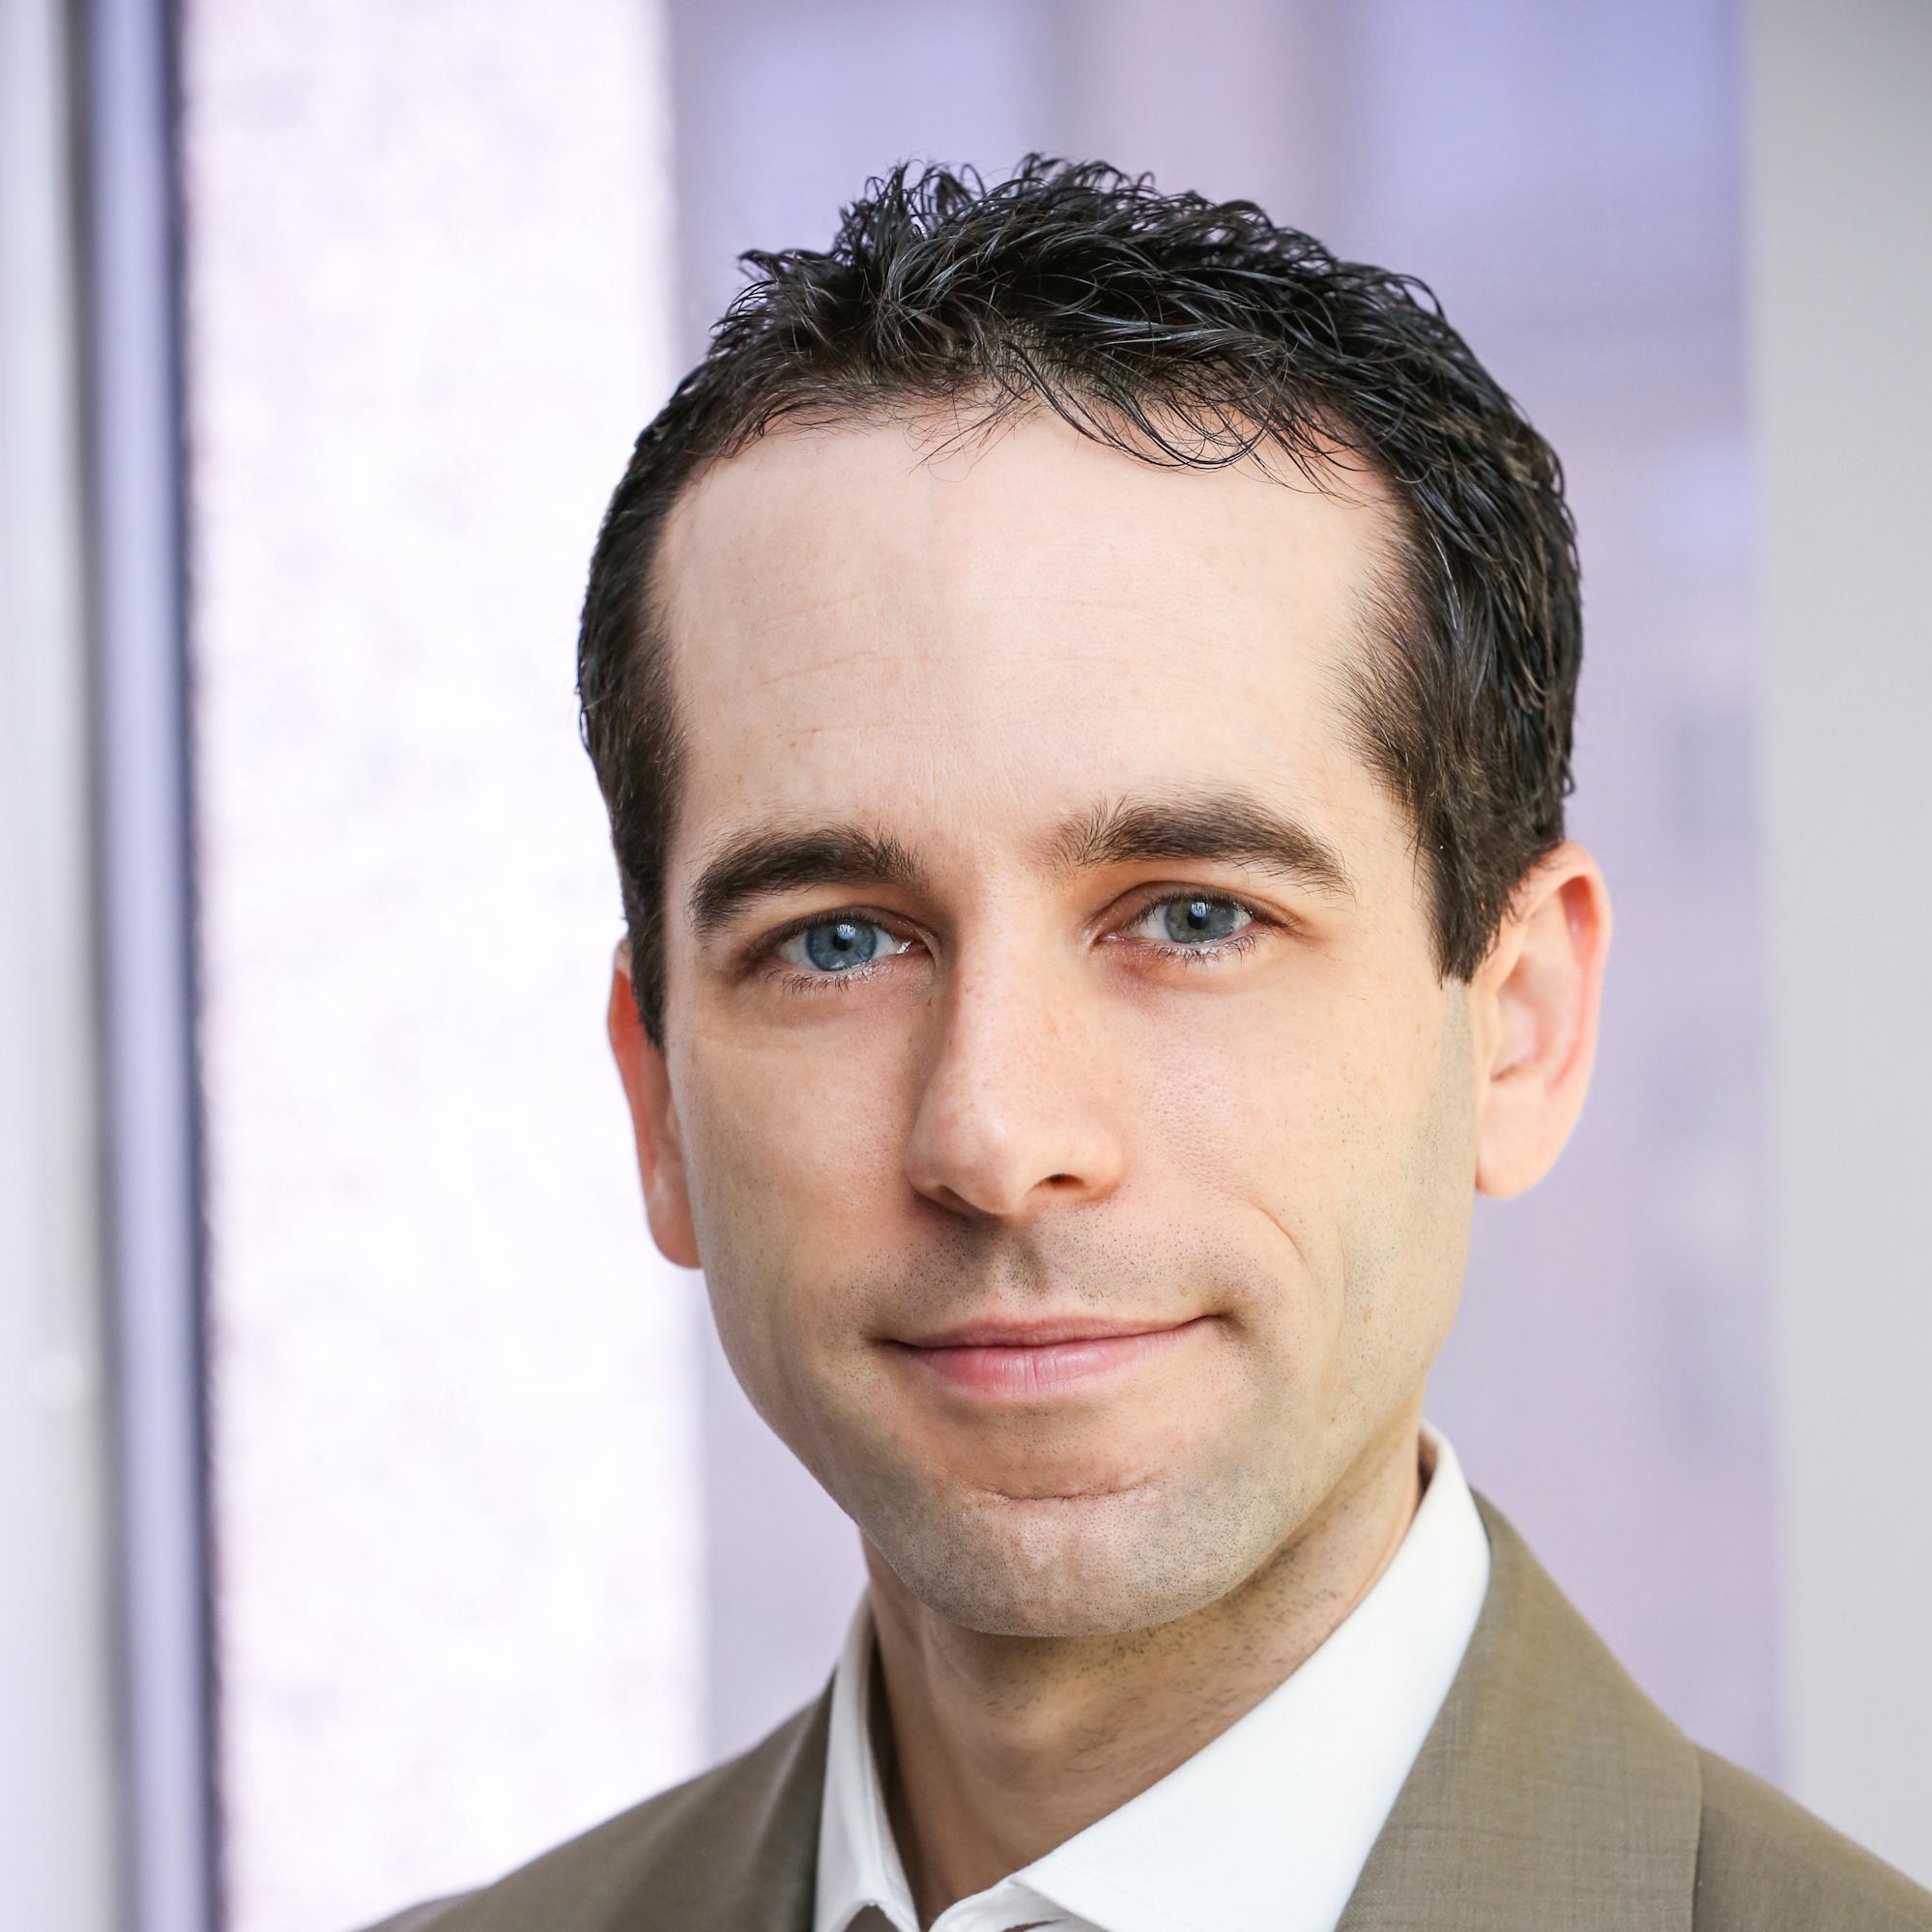 Brett Theodos